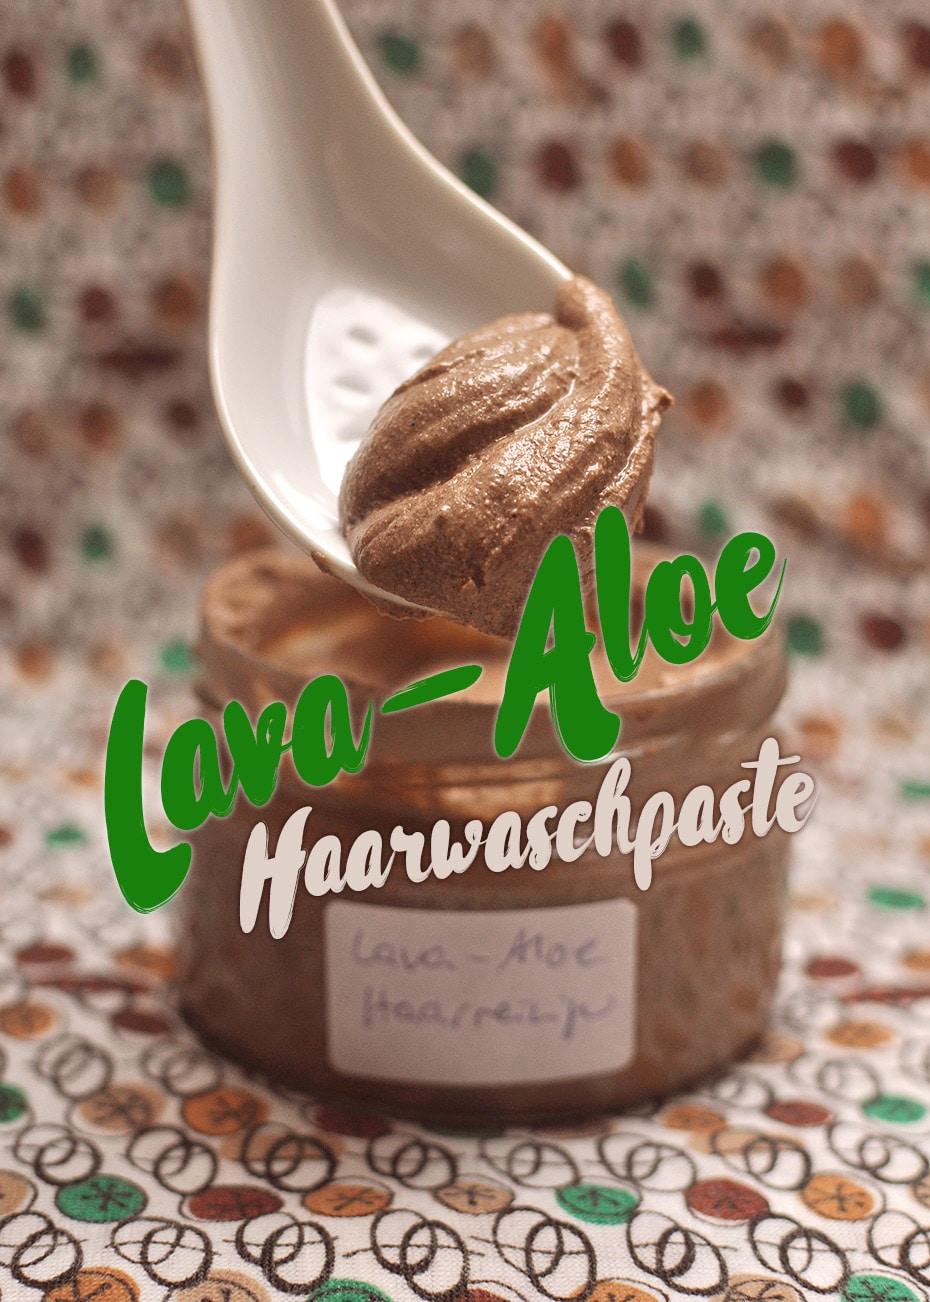 lava-aloe-haarwaschpaste